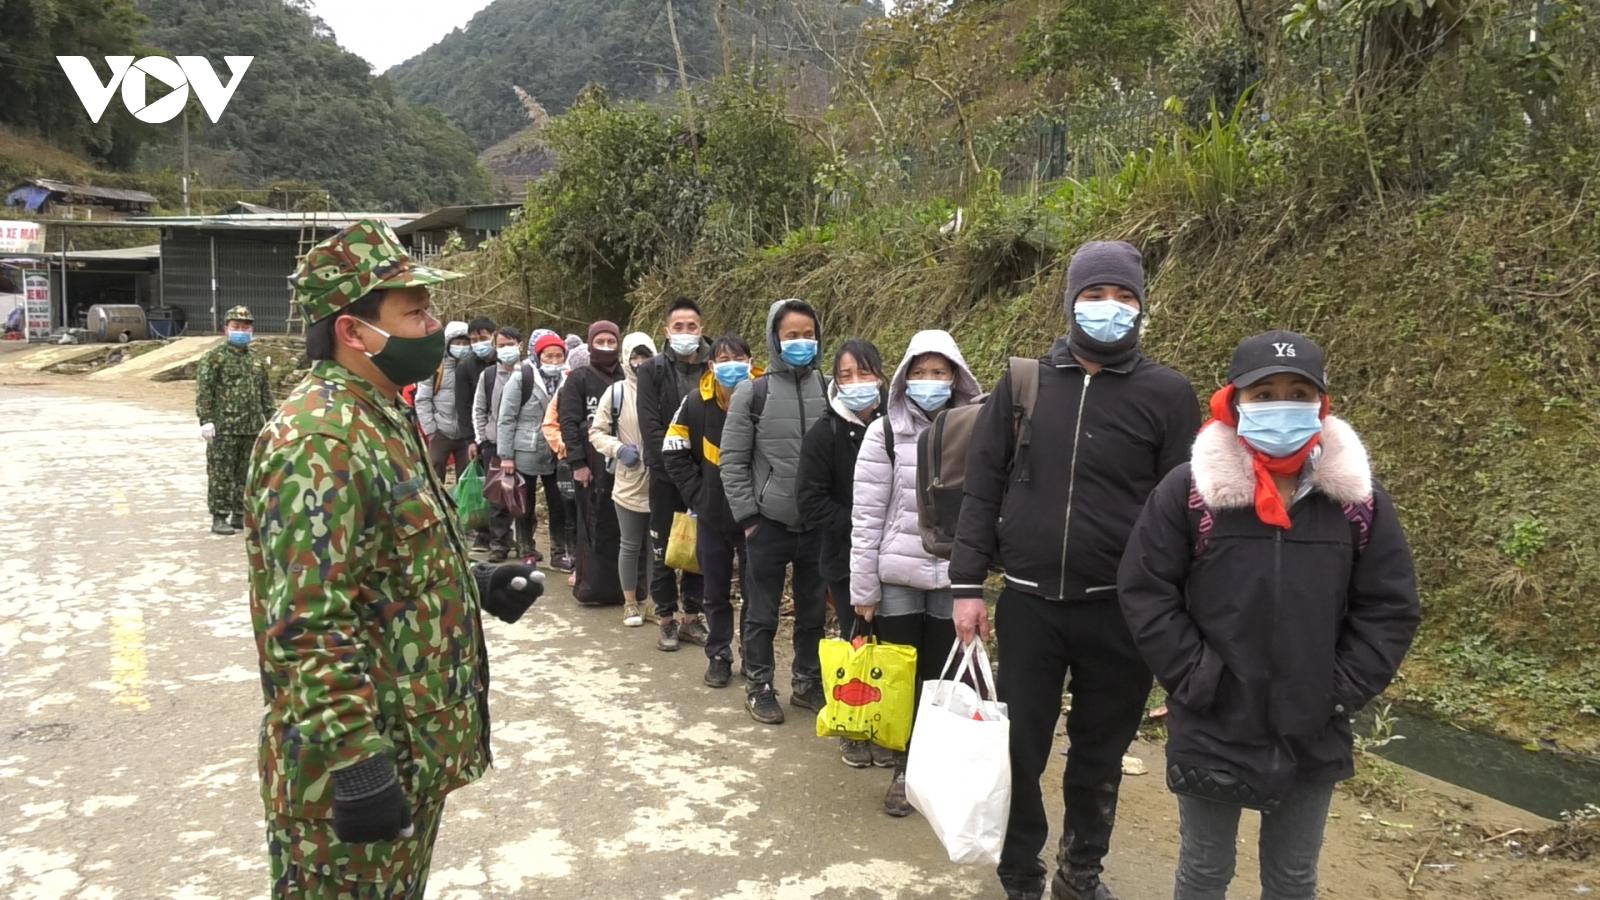 Bộ đội Biên phòng Lào Cai ngăn chặn 35 đối tượng nhập cảnh trái phép